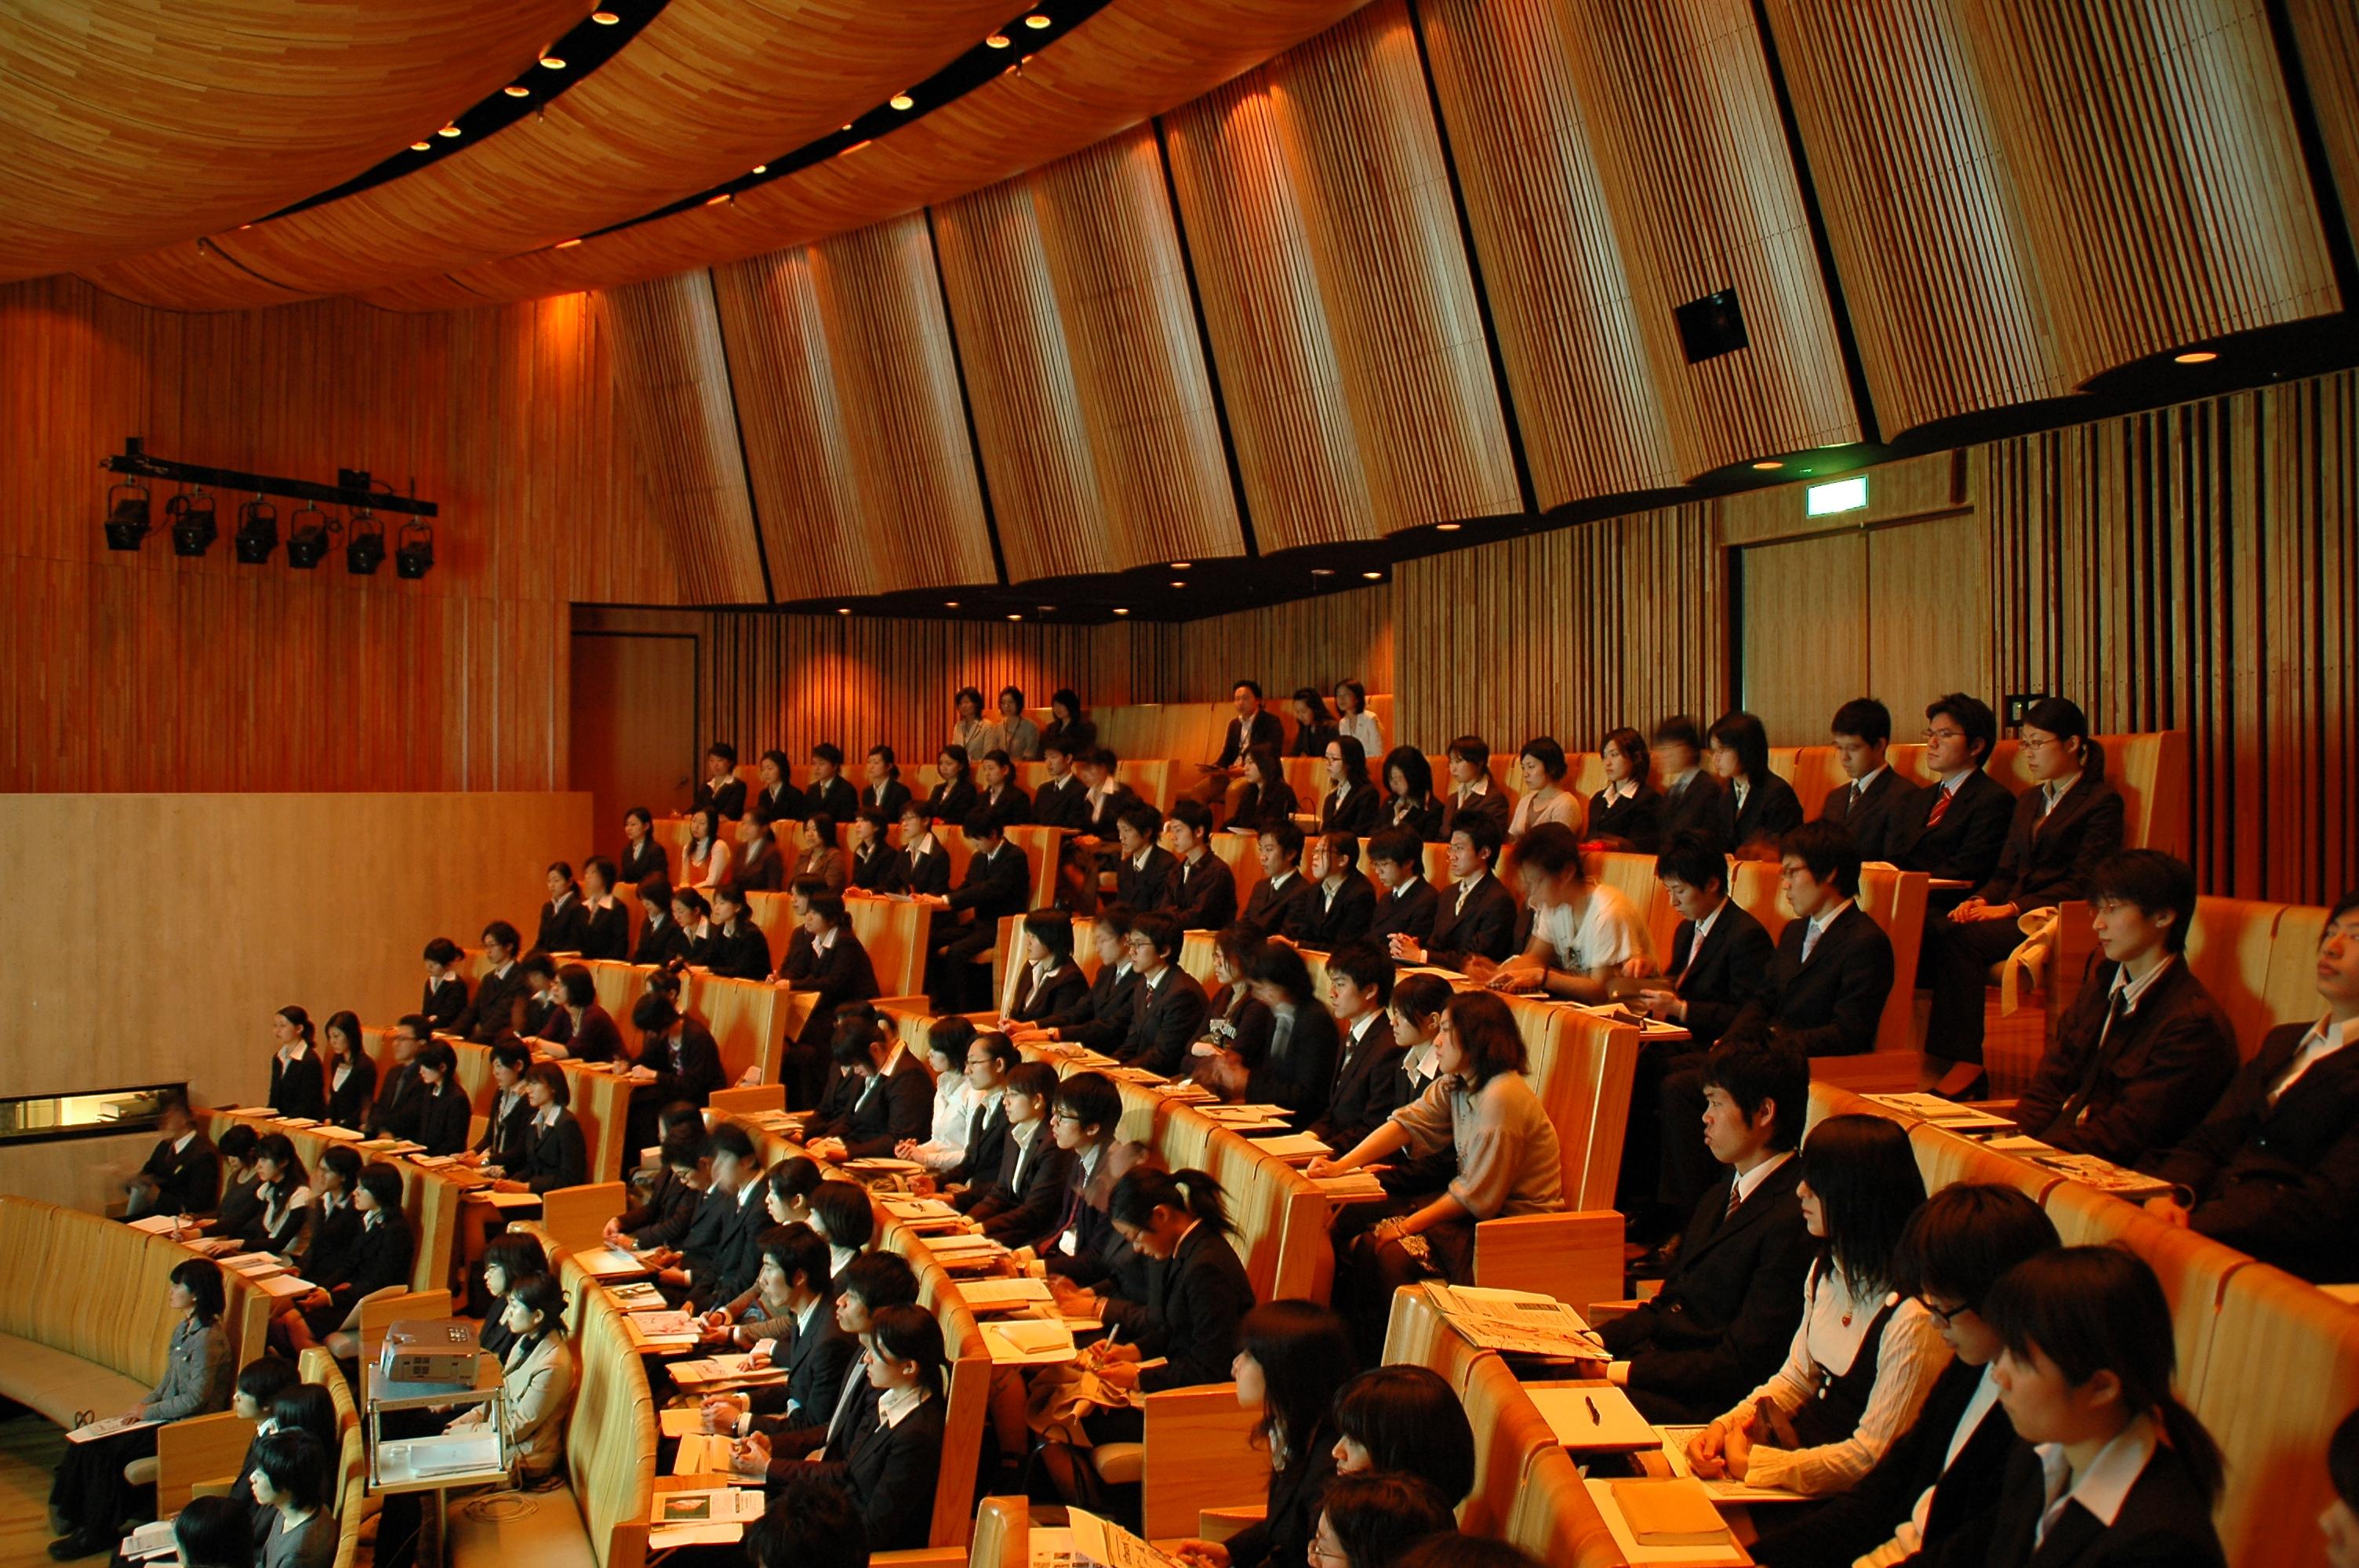 Nhật Bản trong tôi,Hoạt động tìm kiếm việc làm,hoạt động tìm kiếm việc làm (Shu-katsu) của sinh viên mới tốt nghiệp tại Nhật Bản,tiếp cận nhiều nhân lực cùng một lúc,Giảm chi phí đào tạo,Tồn tại những nhân tài bị mất cơ hội không thể ứng tuyển,Hoạt động tuyển dụng thay đổi dựa vào biến động kinh tế,Không thể làm lại,Ảnh hưởng xấu đến thành tích học tập,Hoạt động tìm việc trong thời gian gần đây ở Nhật Bản,